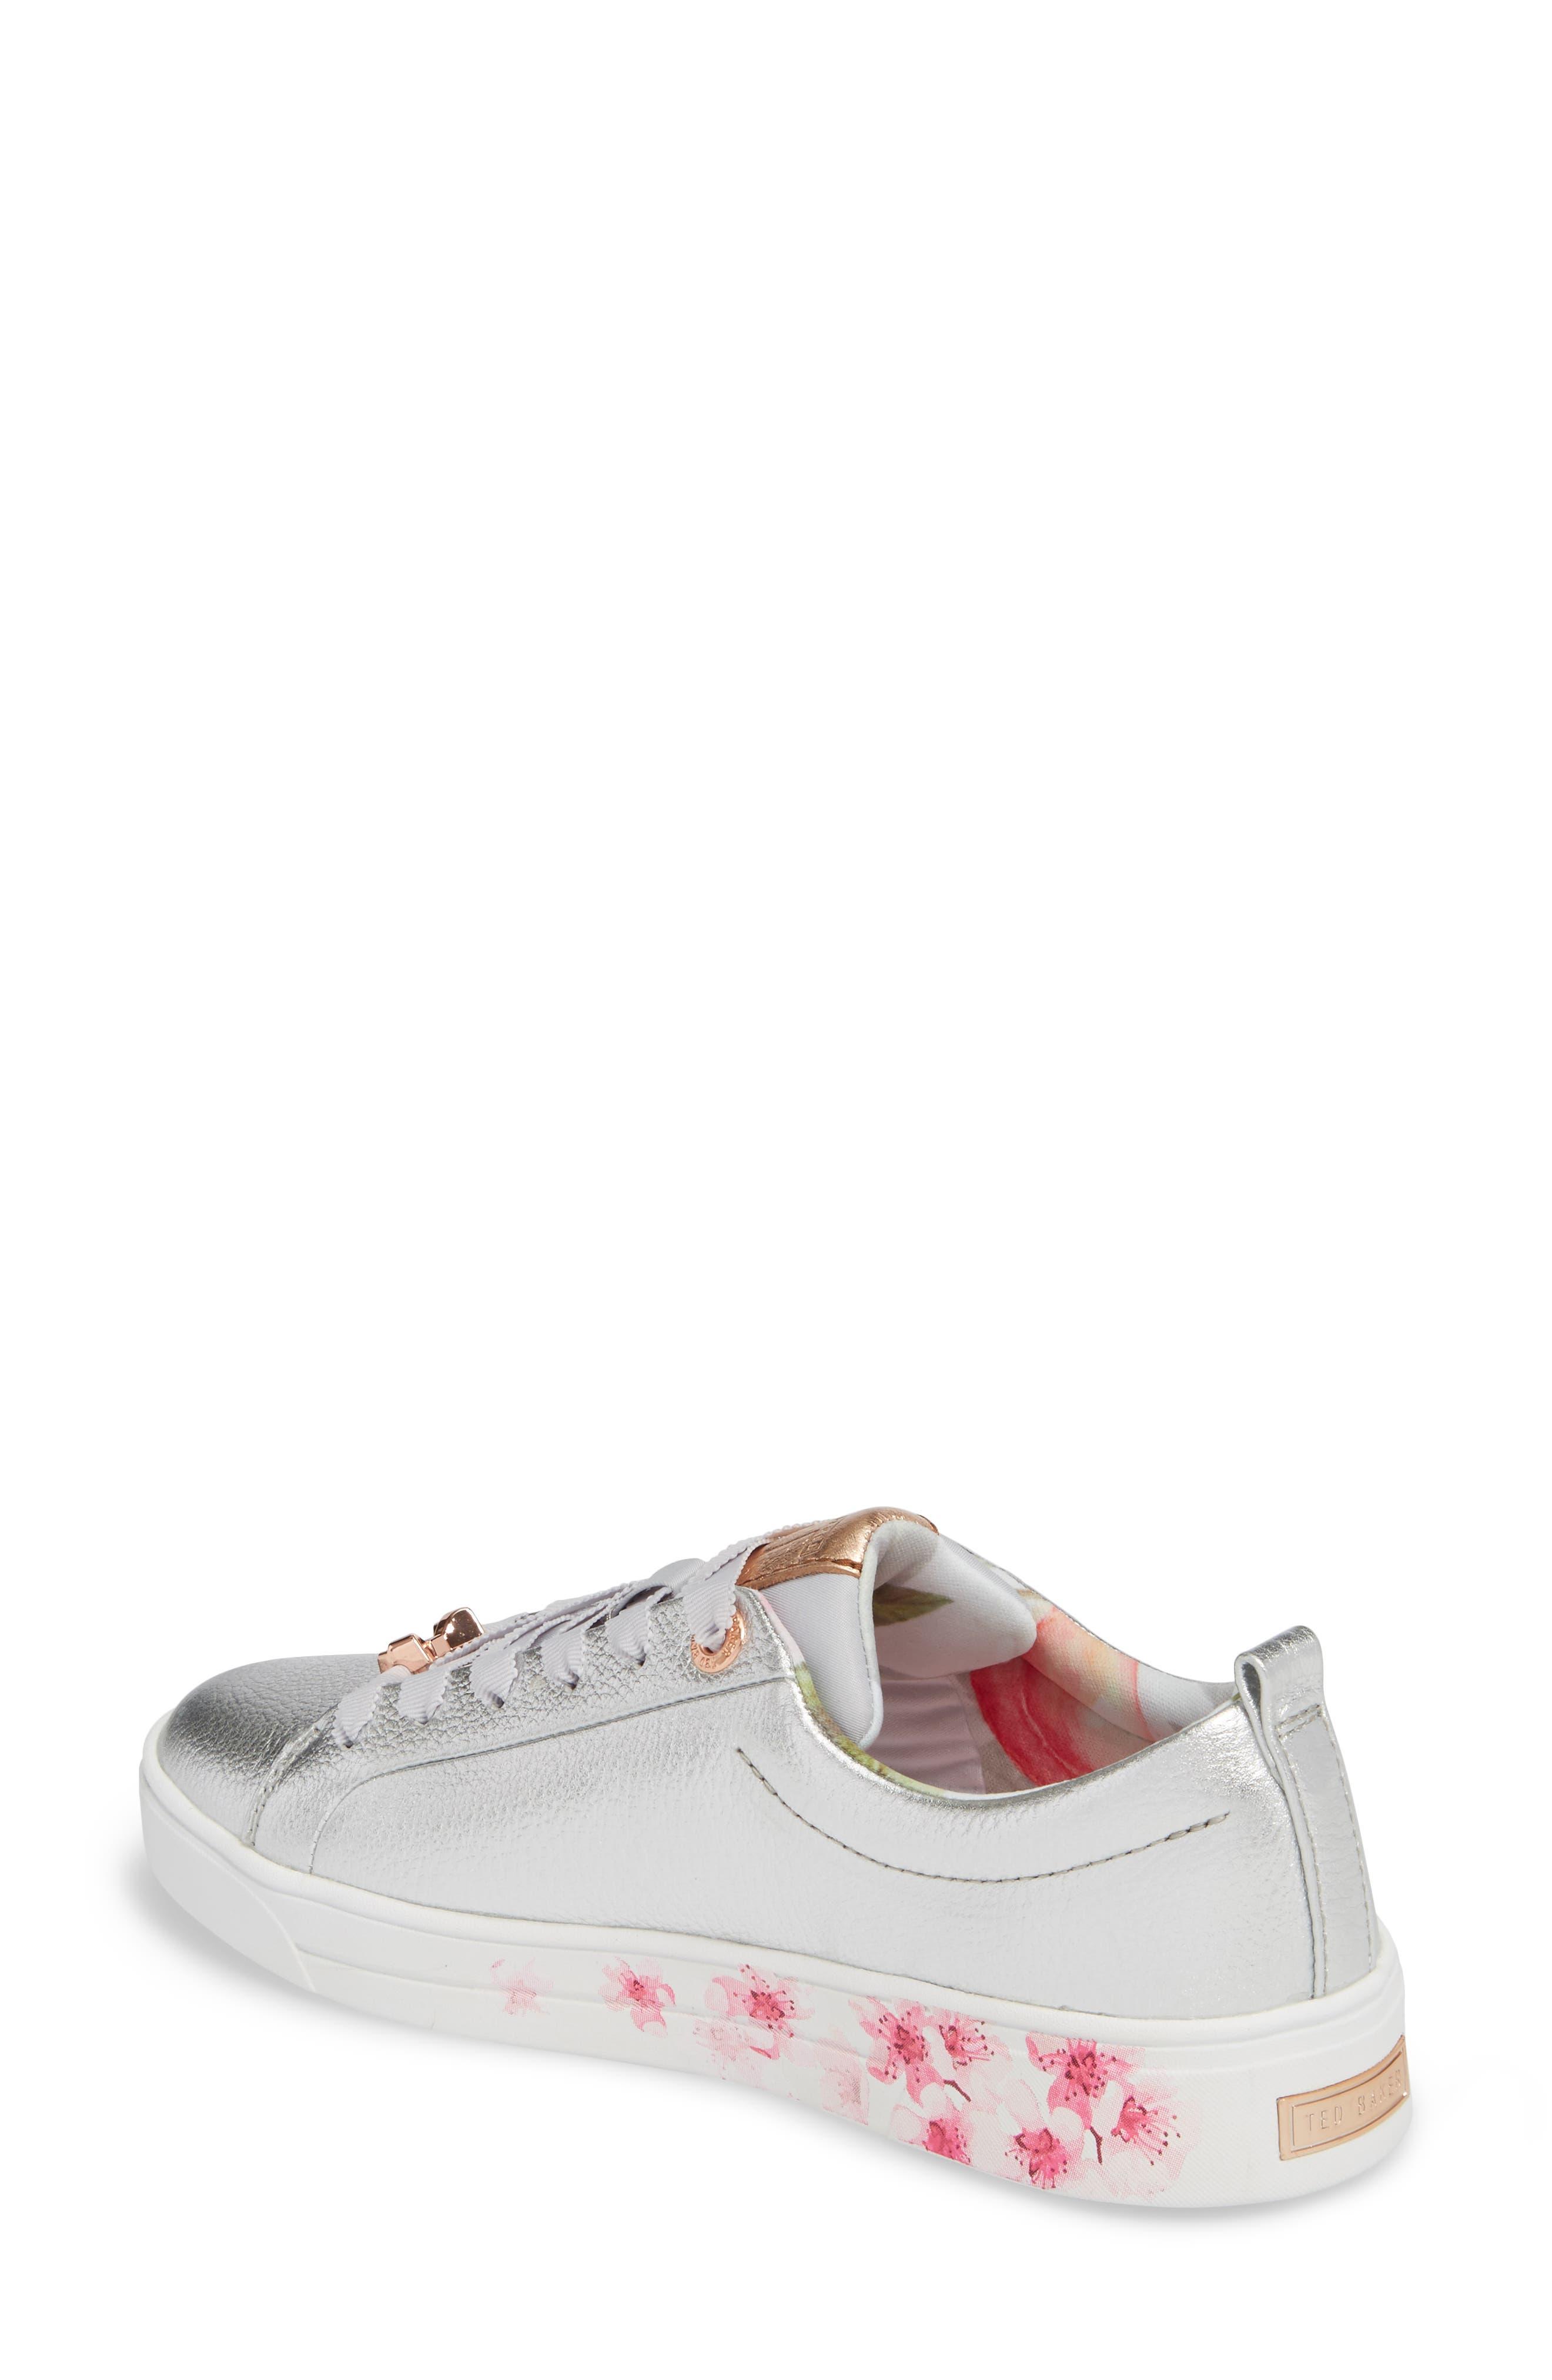 Kelleip Sneaker,                             Alternate thumbnail 2, color,                             047